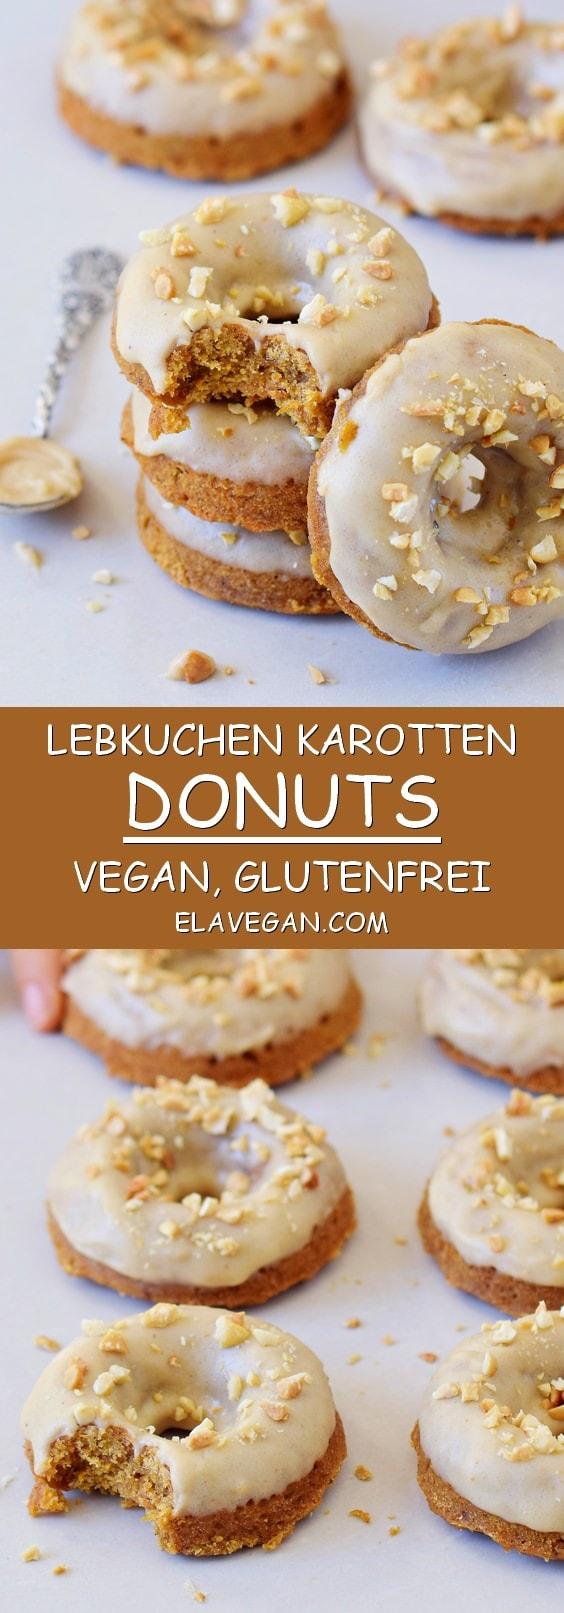 Gesunde vegane Lebkuchen Karotten Donuts mit heller Nussmus Glasur (glutenfrei)